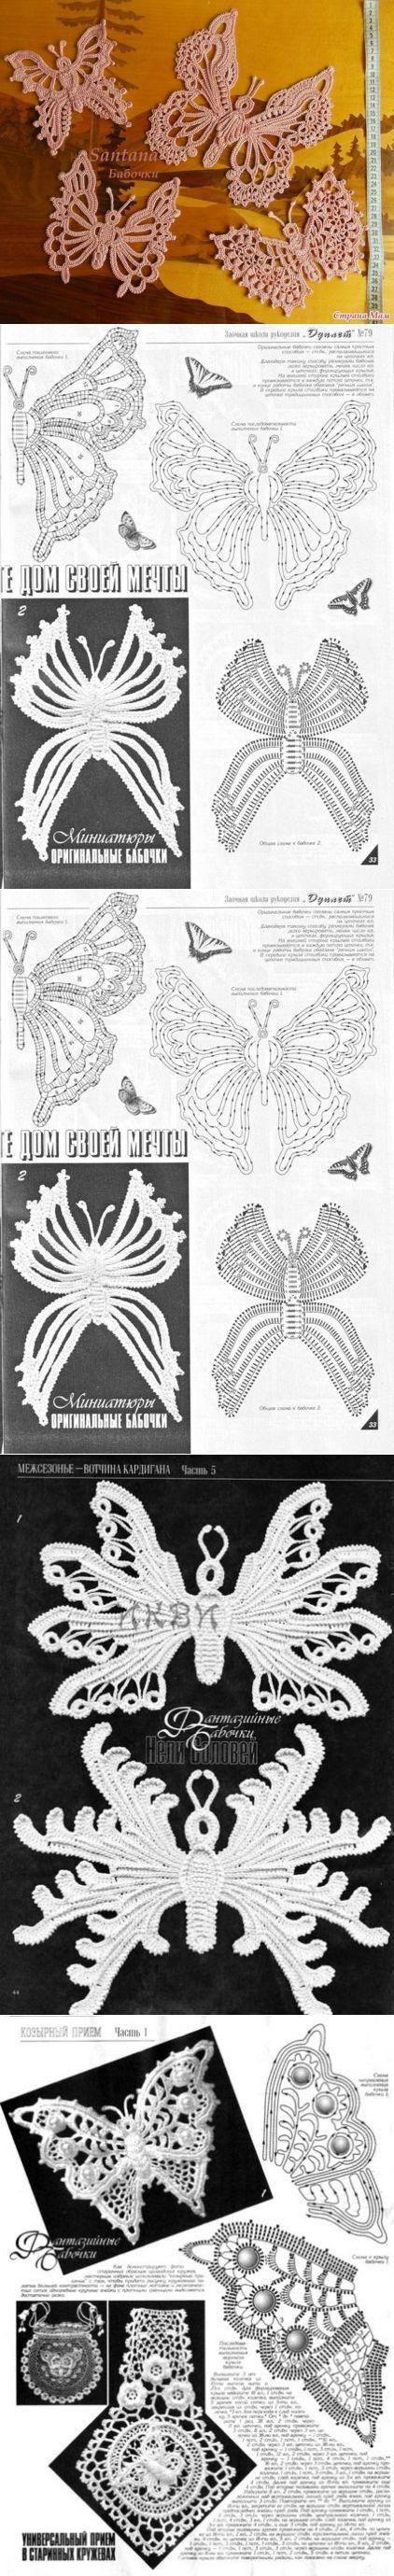 вязание крючком | Schmetterlinge, Häkeln und Schmetterling häkeln